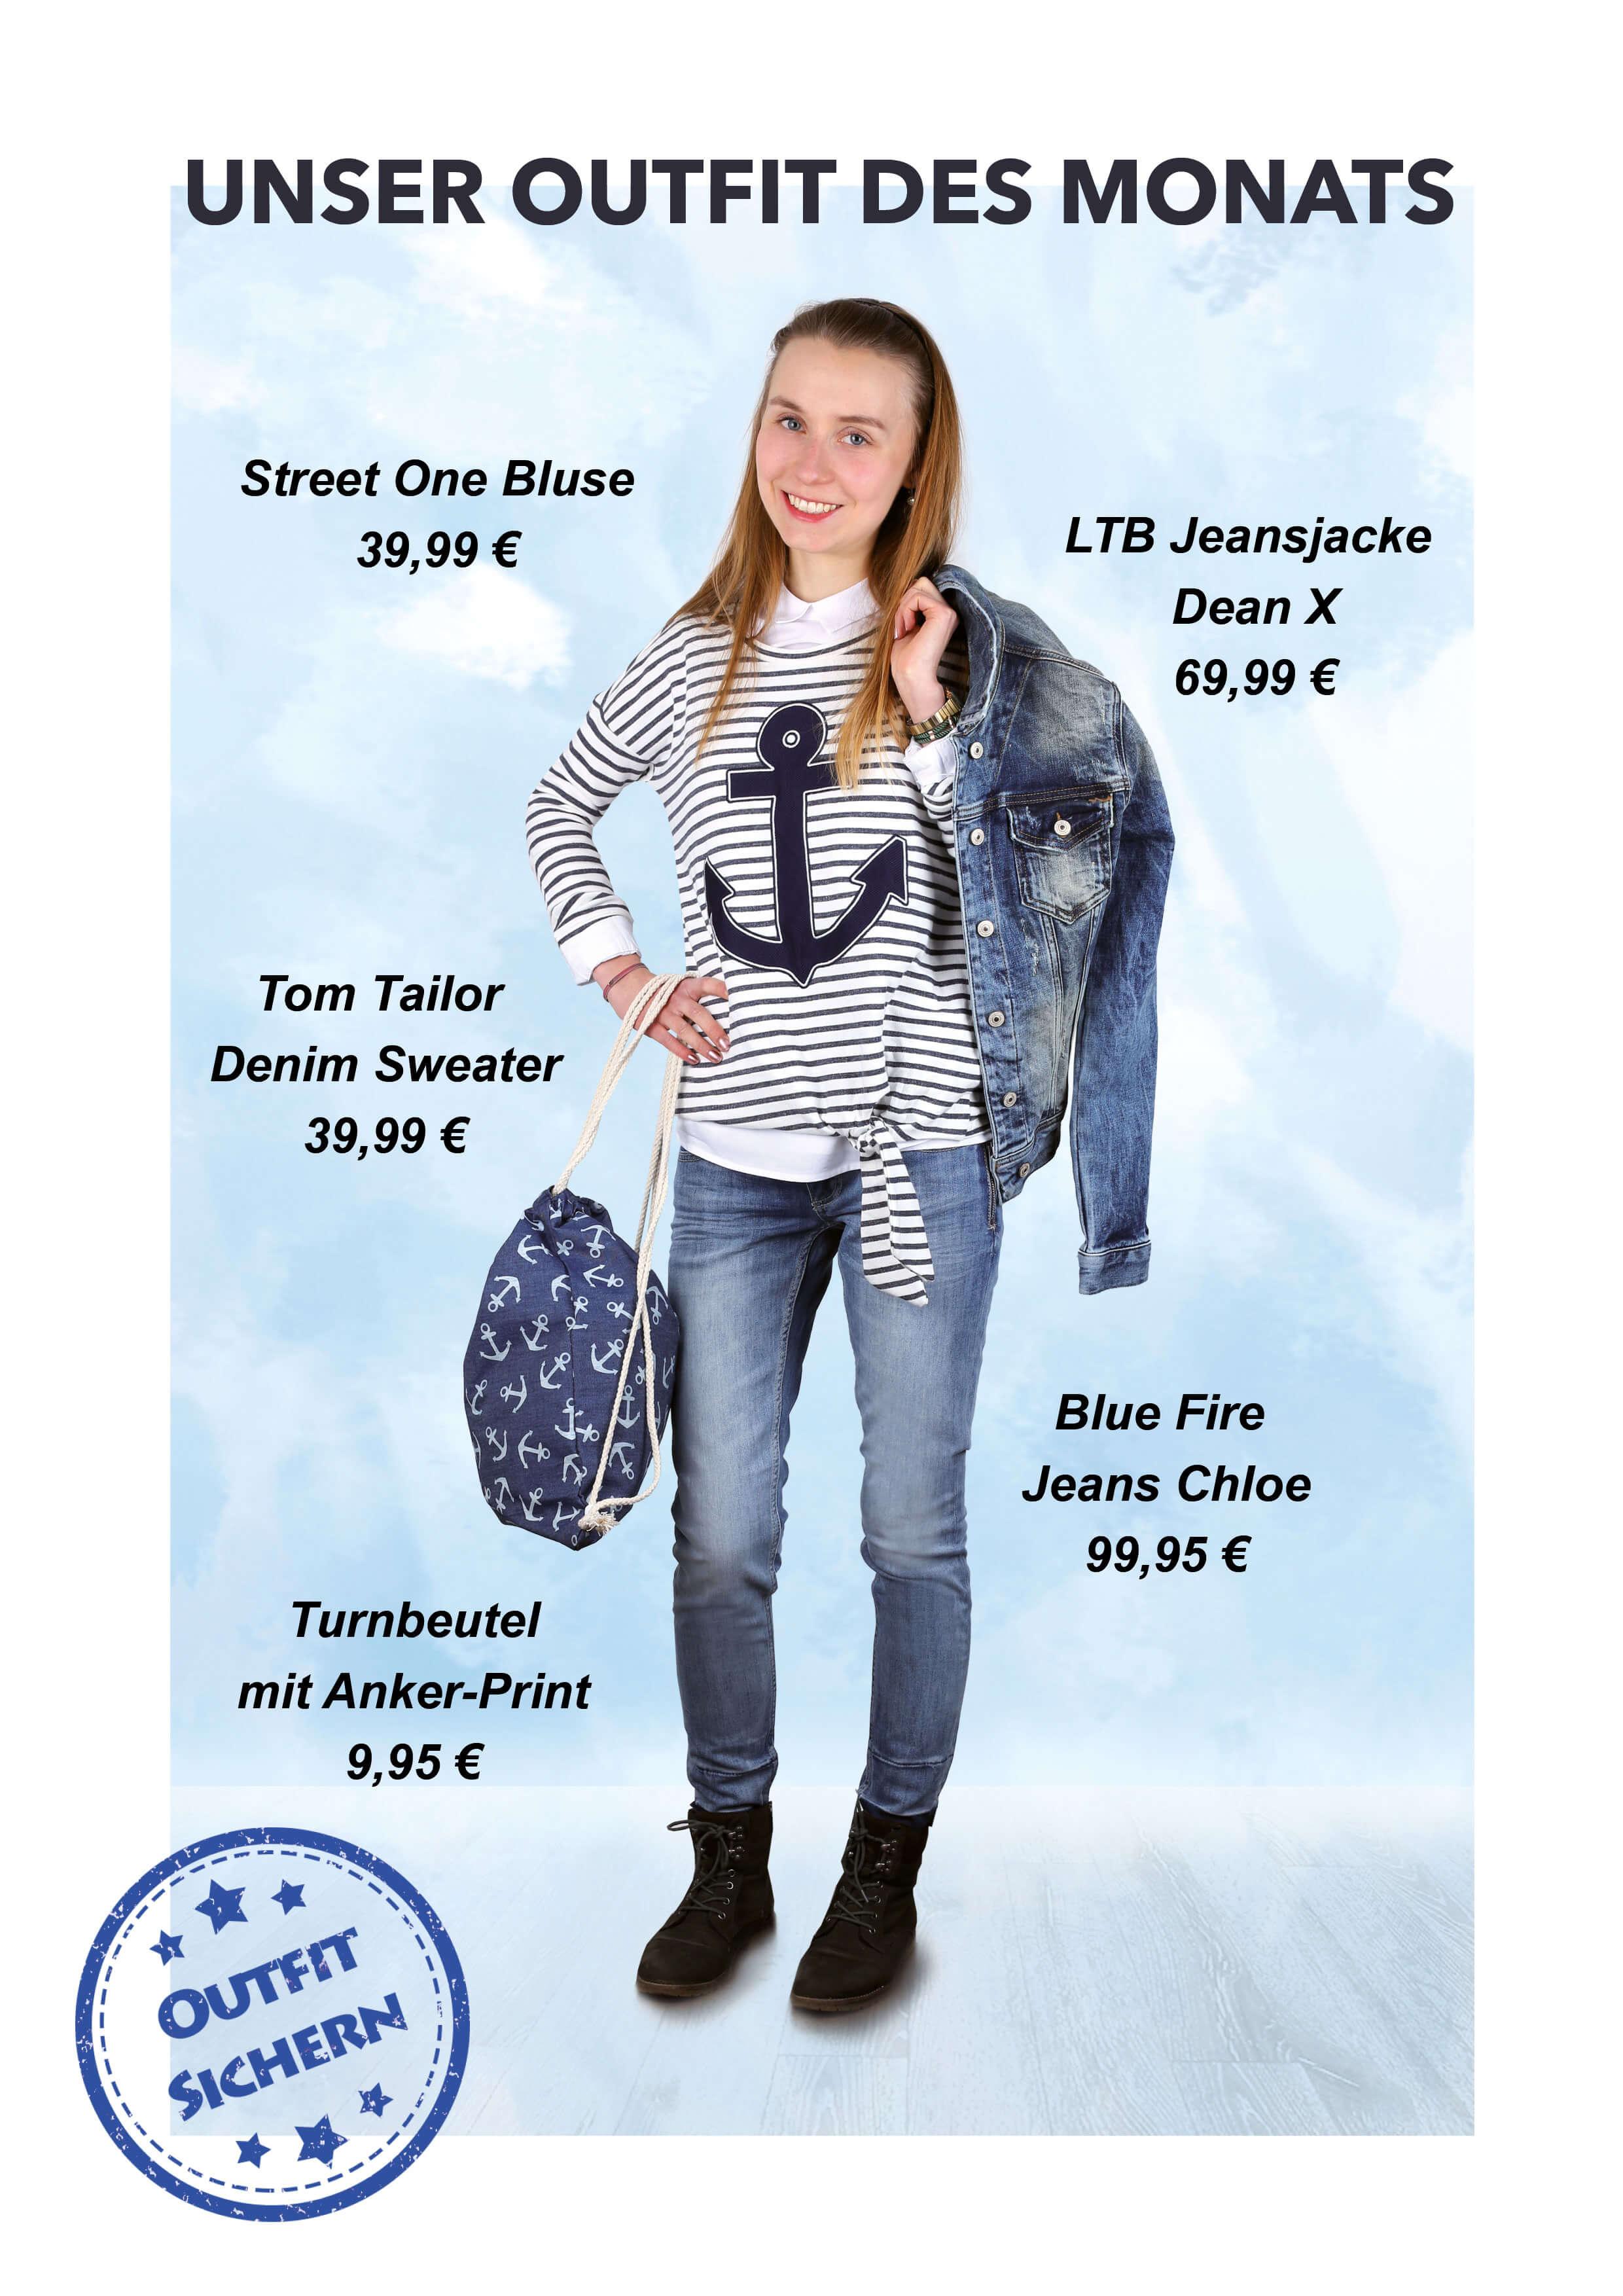 Das Outfit des Monats bei Eierund Hildesheim/HoseOnline